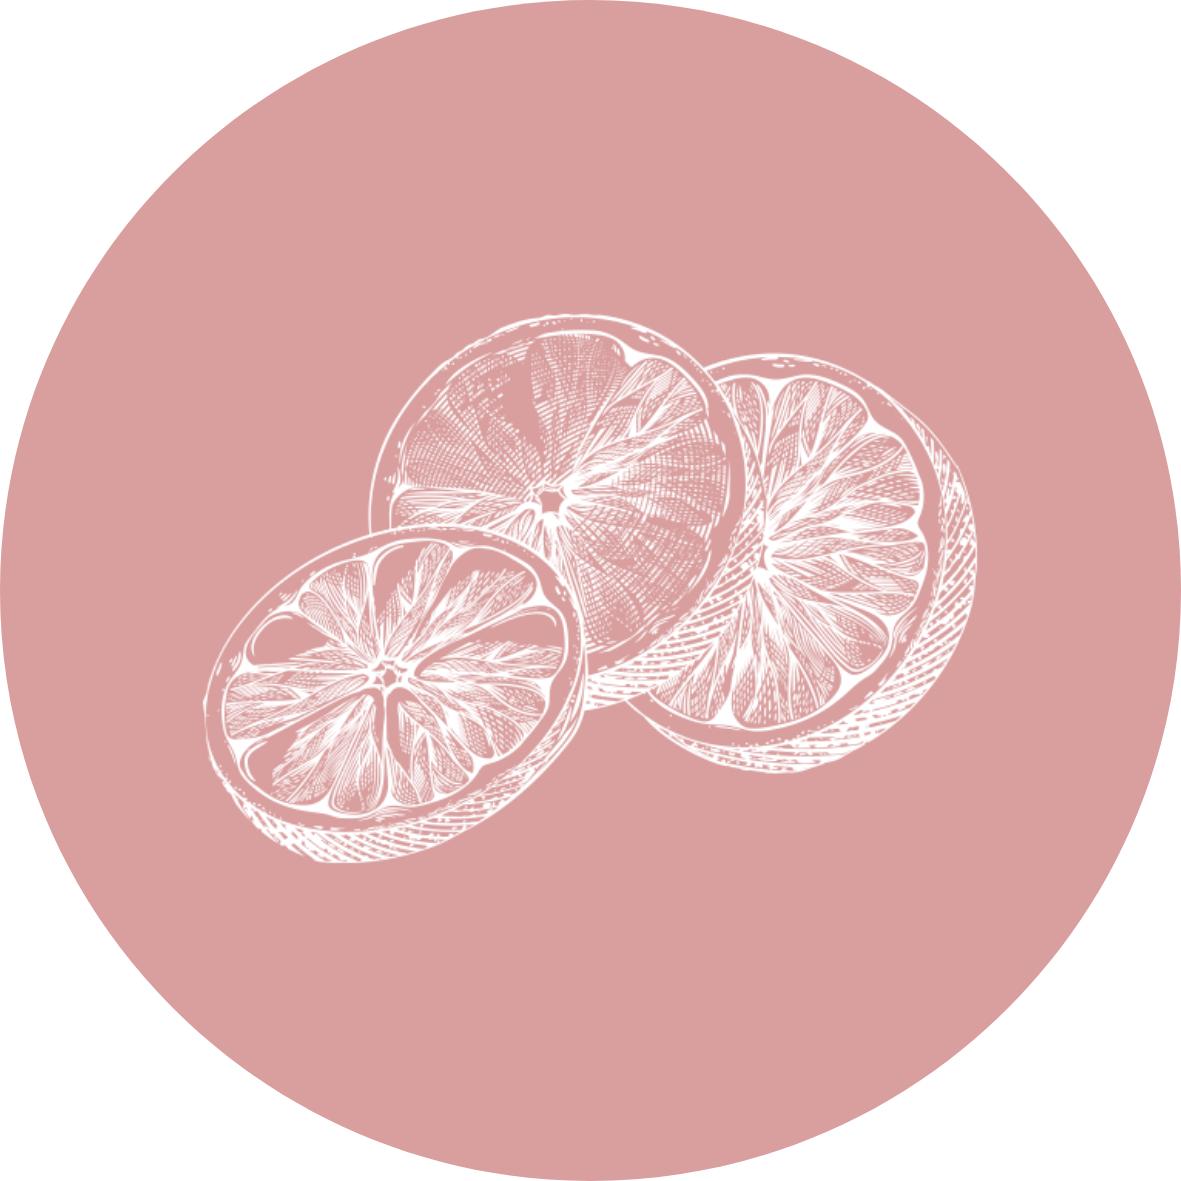 Clean by endota - Pink Grapefruit & Lemon Aspen scent